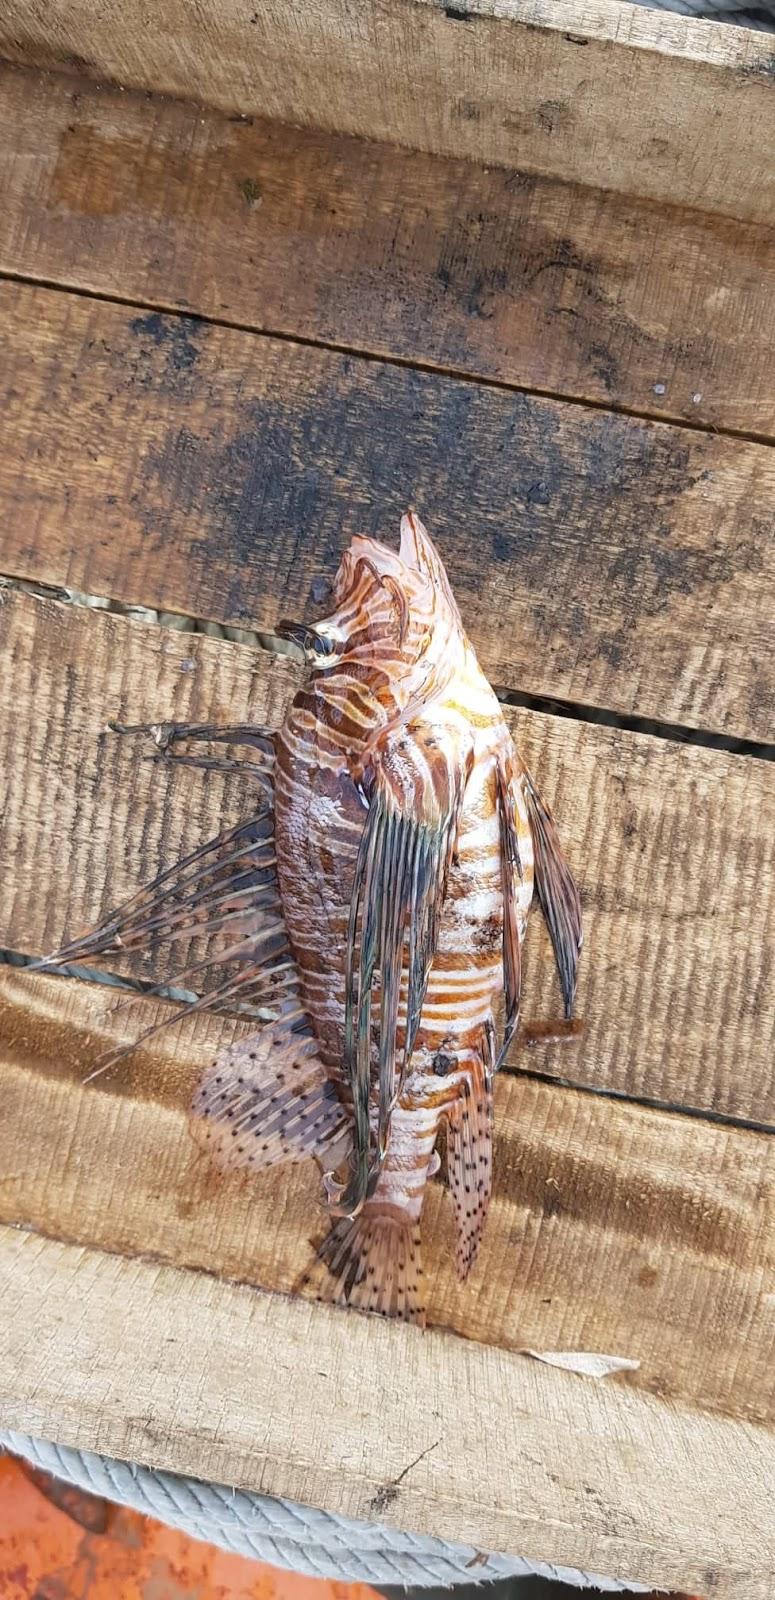 Ψαρεύτηκε λεοντόψαρο στον Καραβόμυλο.